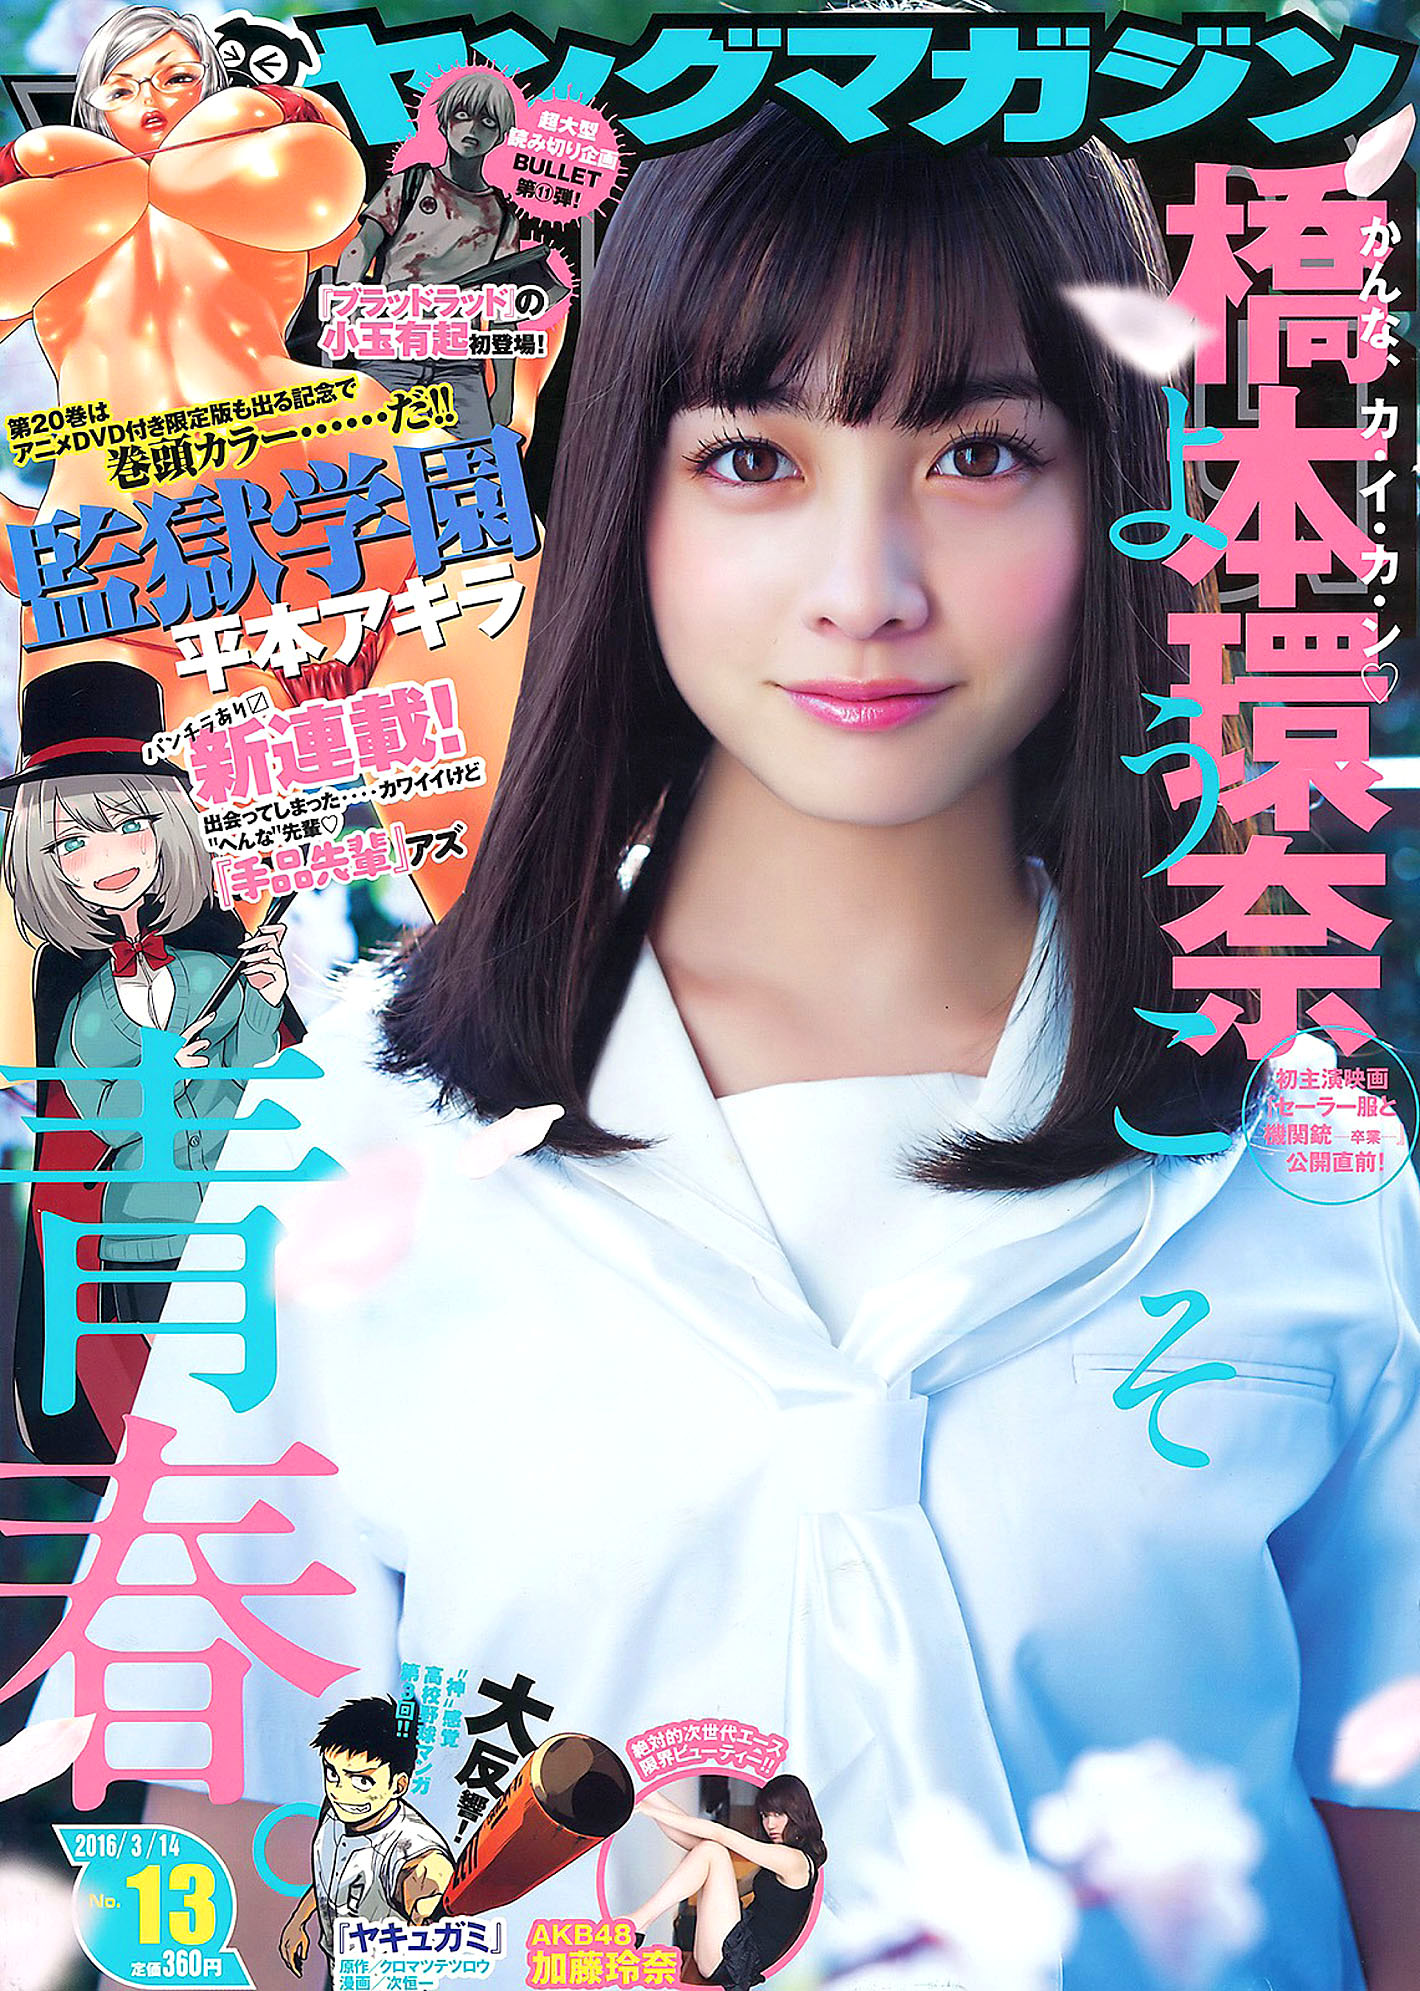 KHashimoto Young Magazine 160314 01.jpg